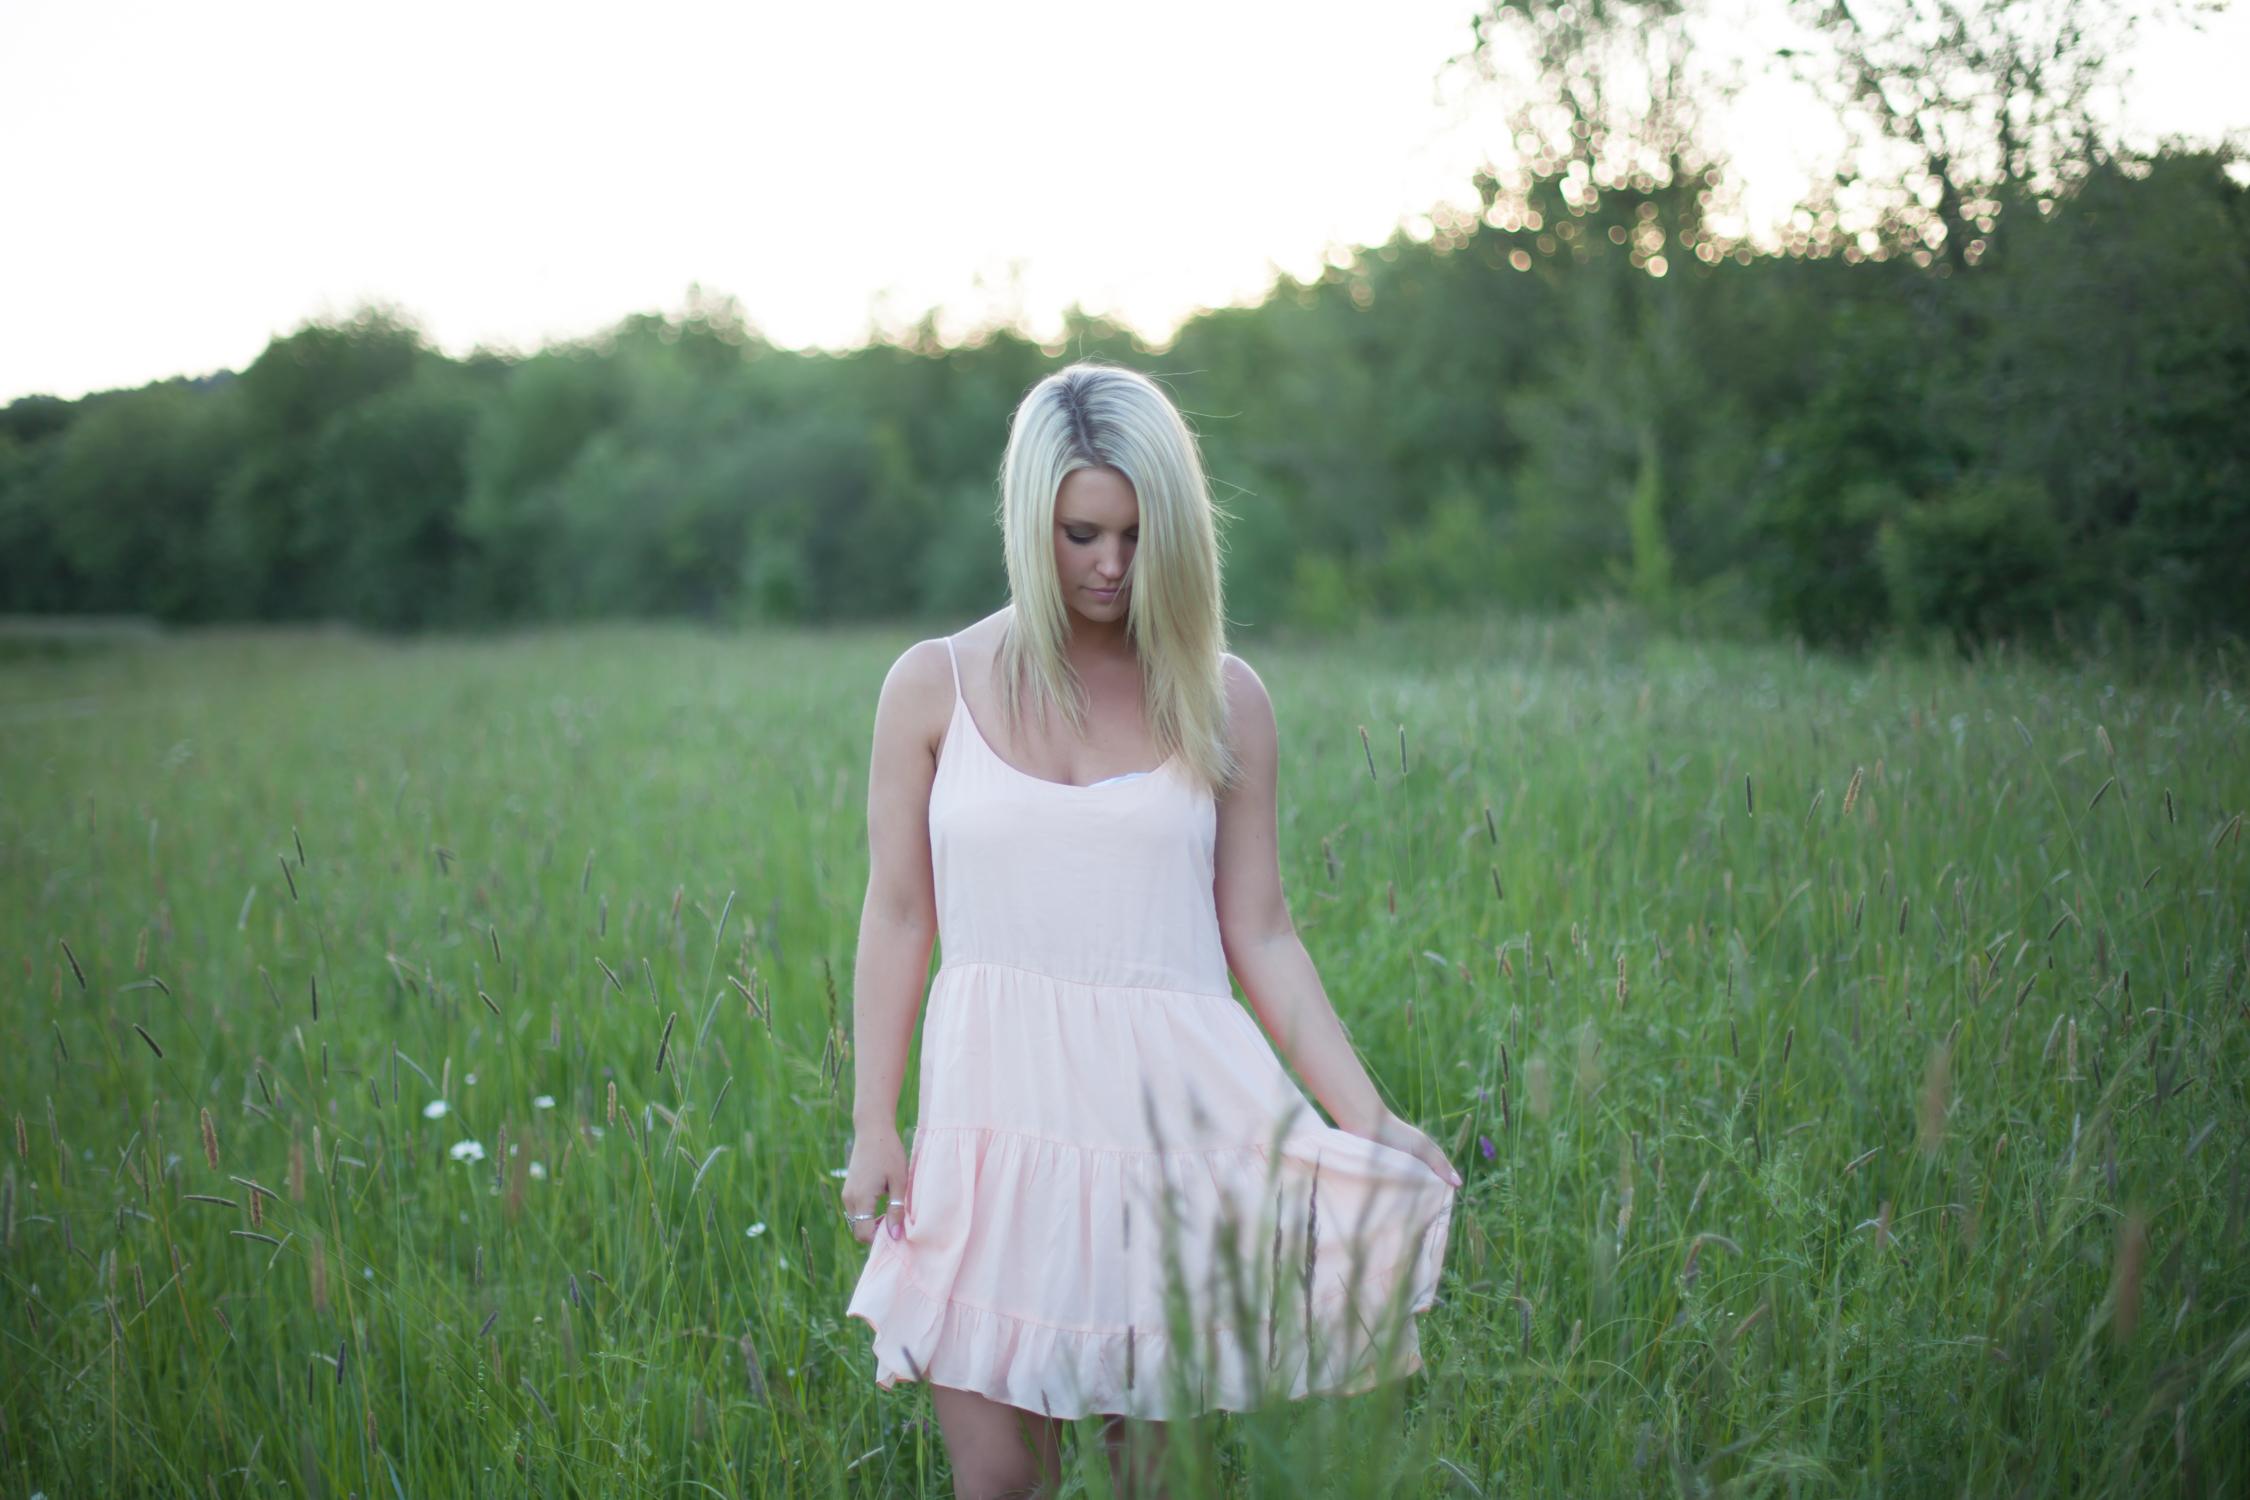 olivia_ashton_photography_kelsey5